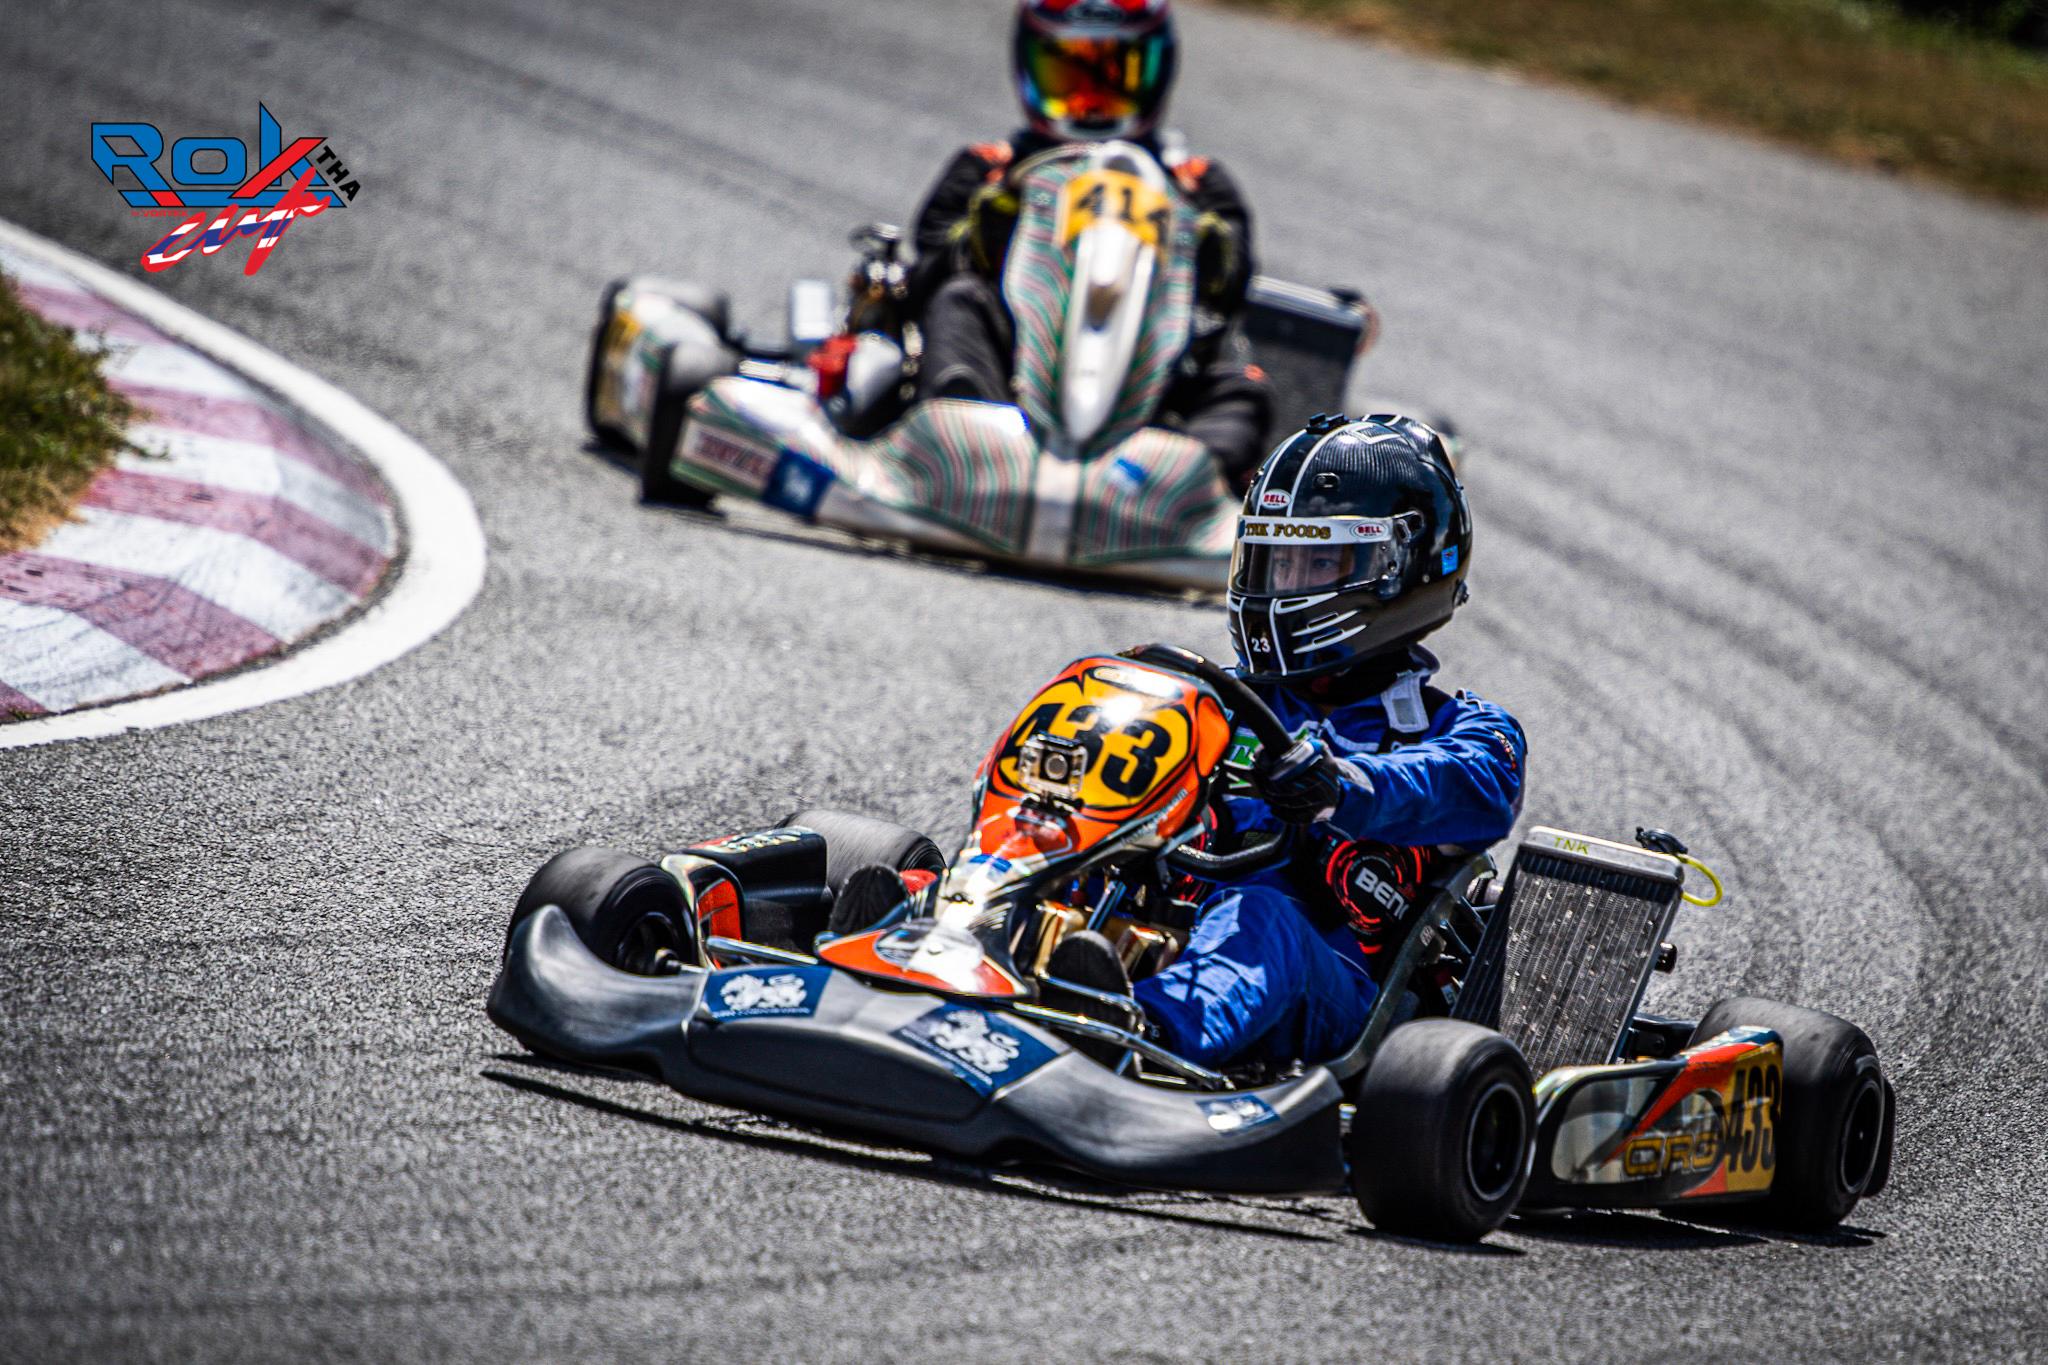 Rok Cup Thailand 2019 Round 3 At Bira kart, Chonburi